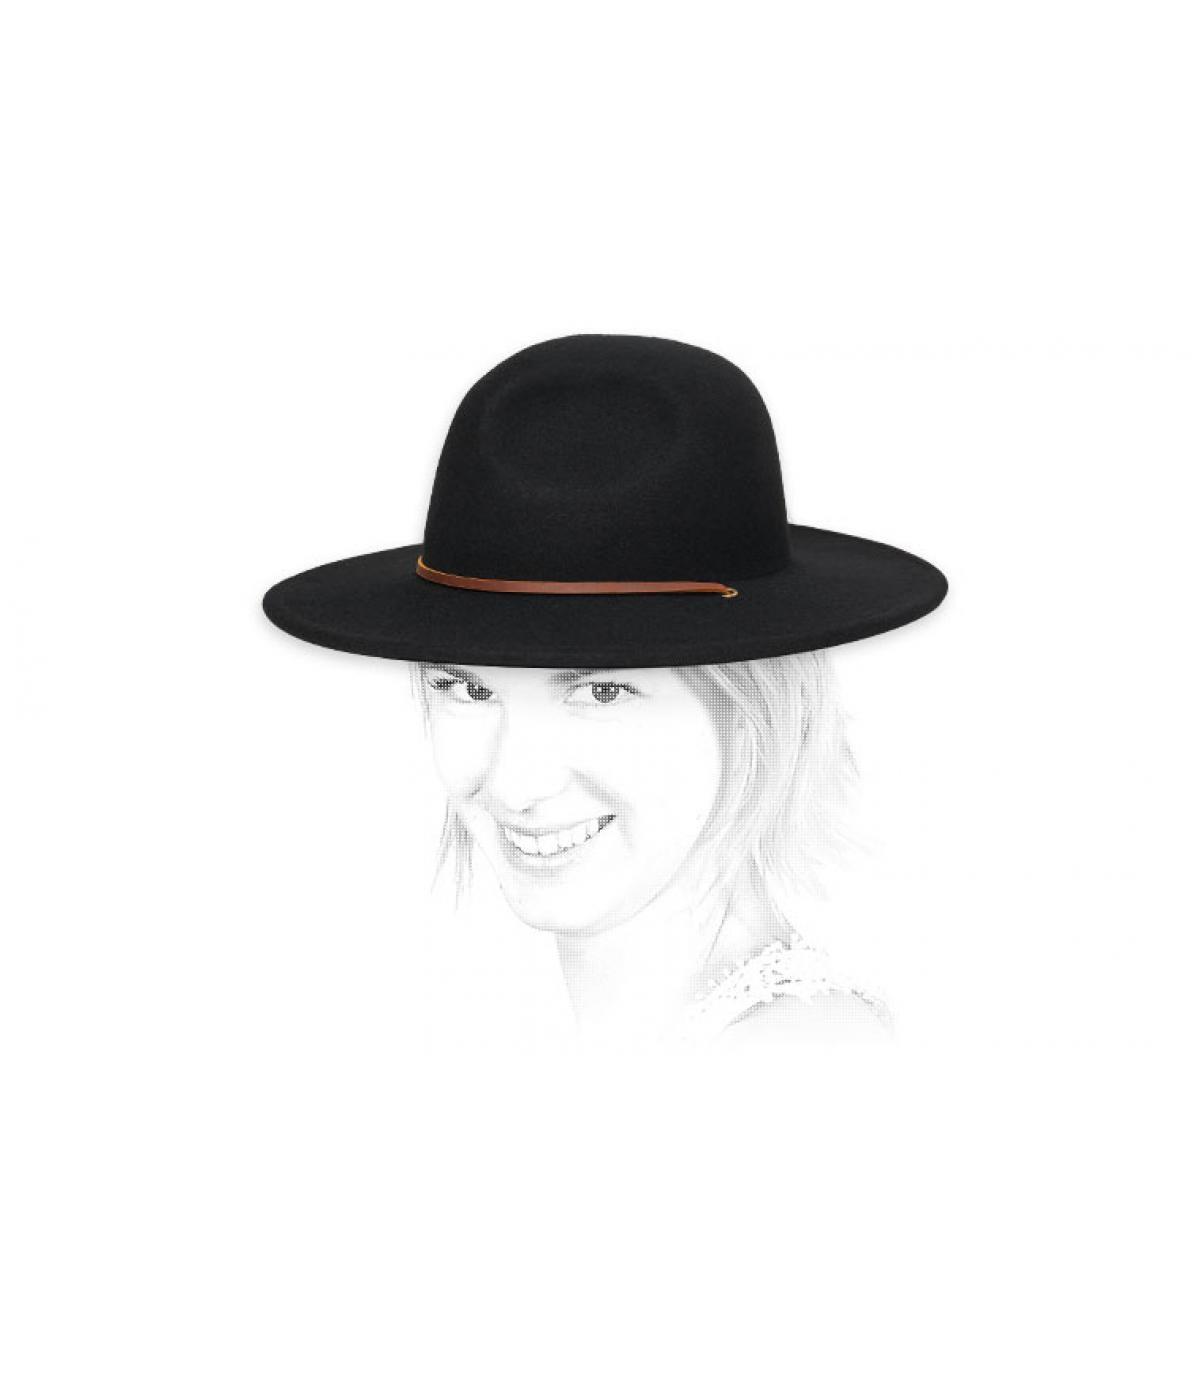 cappello donna in feltro nero